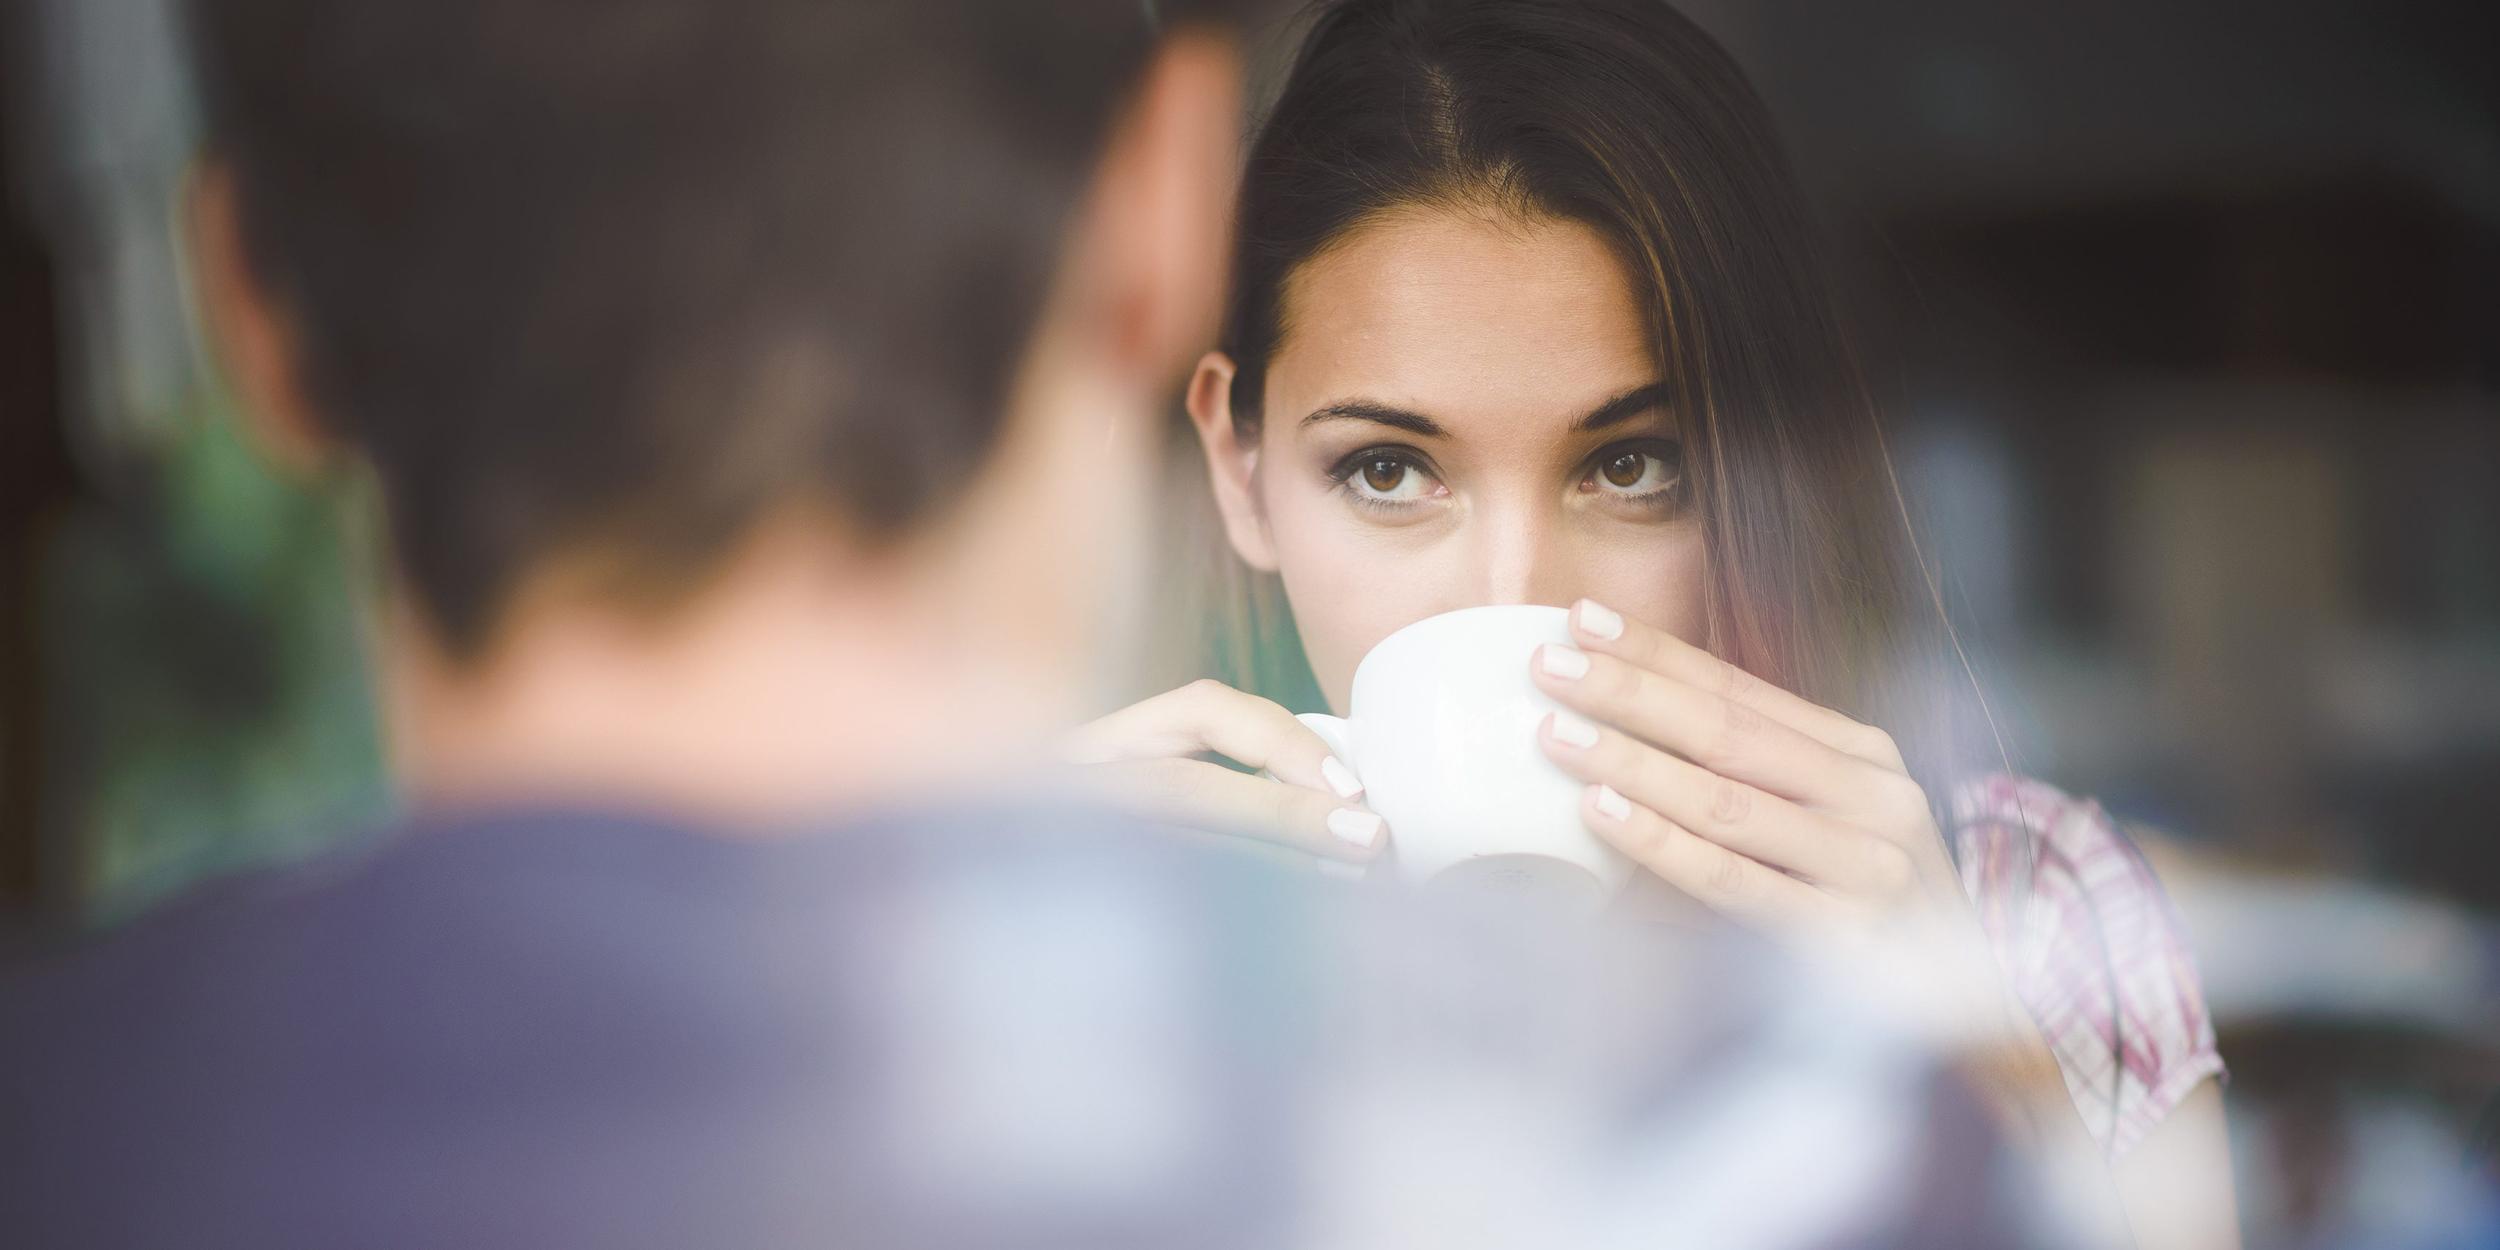 Фото фэнтези девушка познакомилась с парнями видео порно оргии смотреть